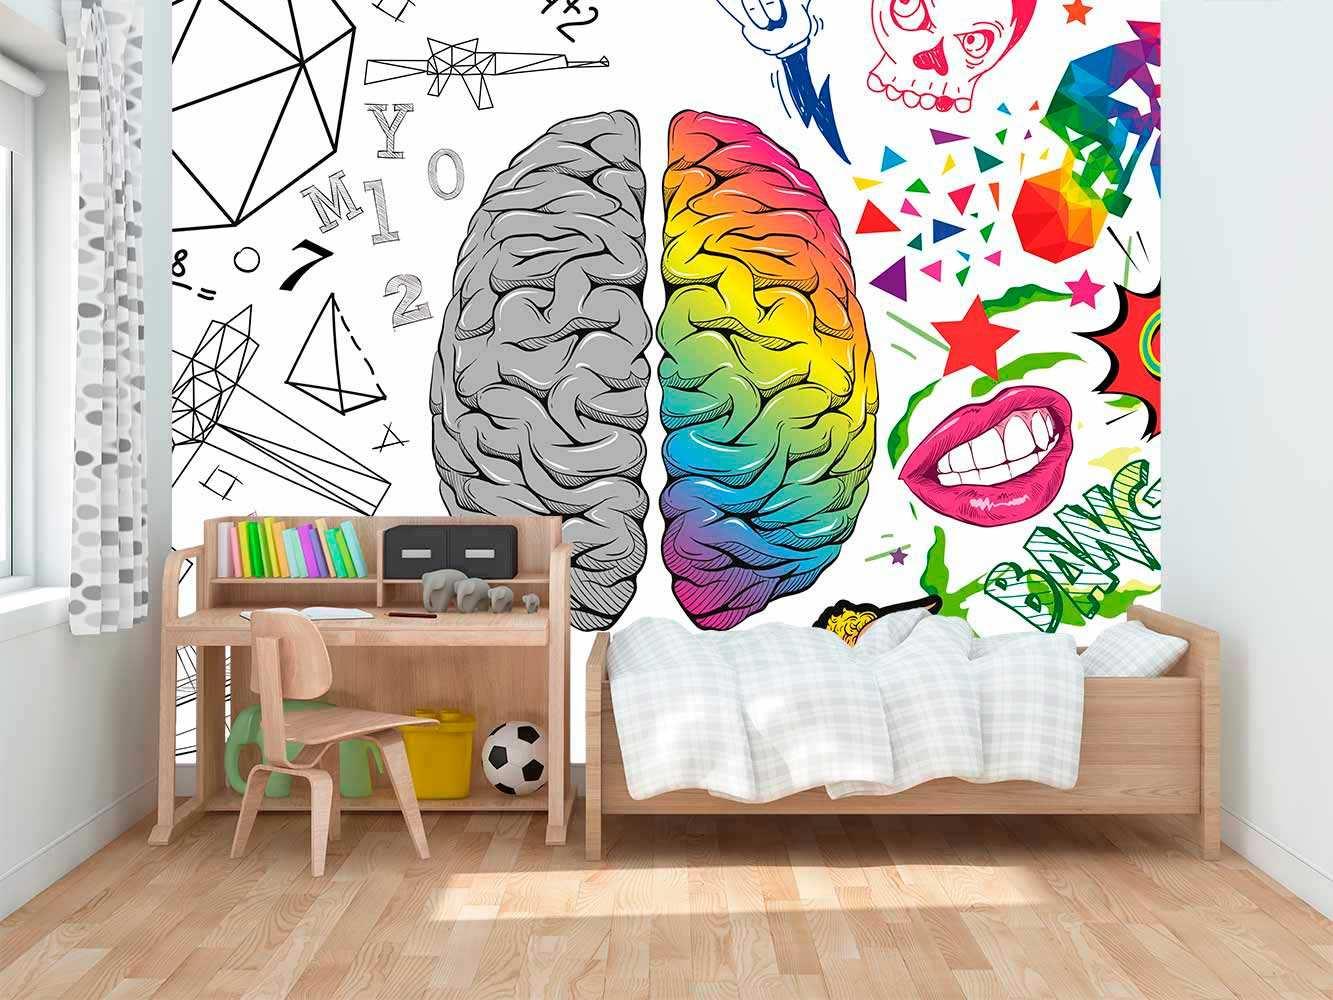 Fotomural Vinilo Infantil Lógica Creatividad | Carteles XXL - Impresión carteleria publicitaria